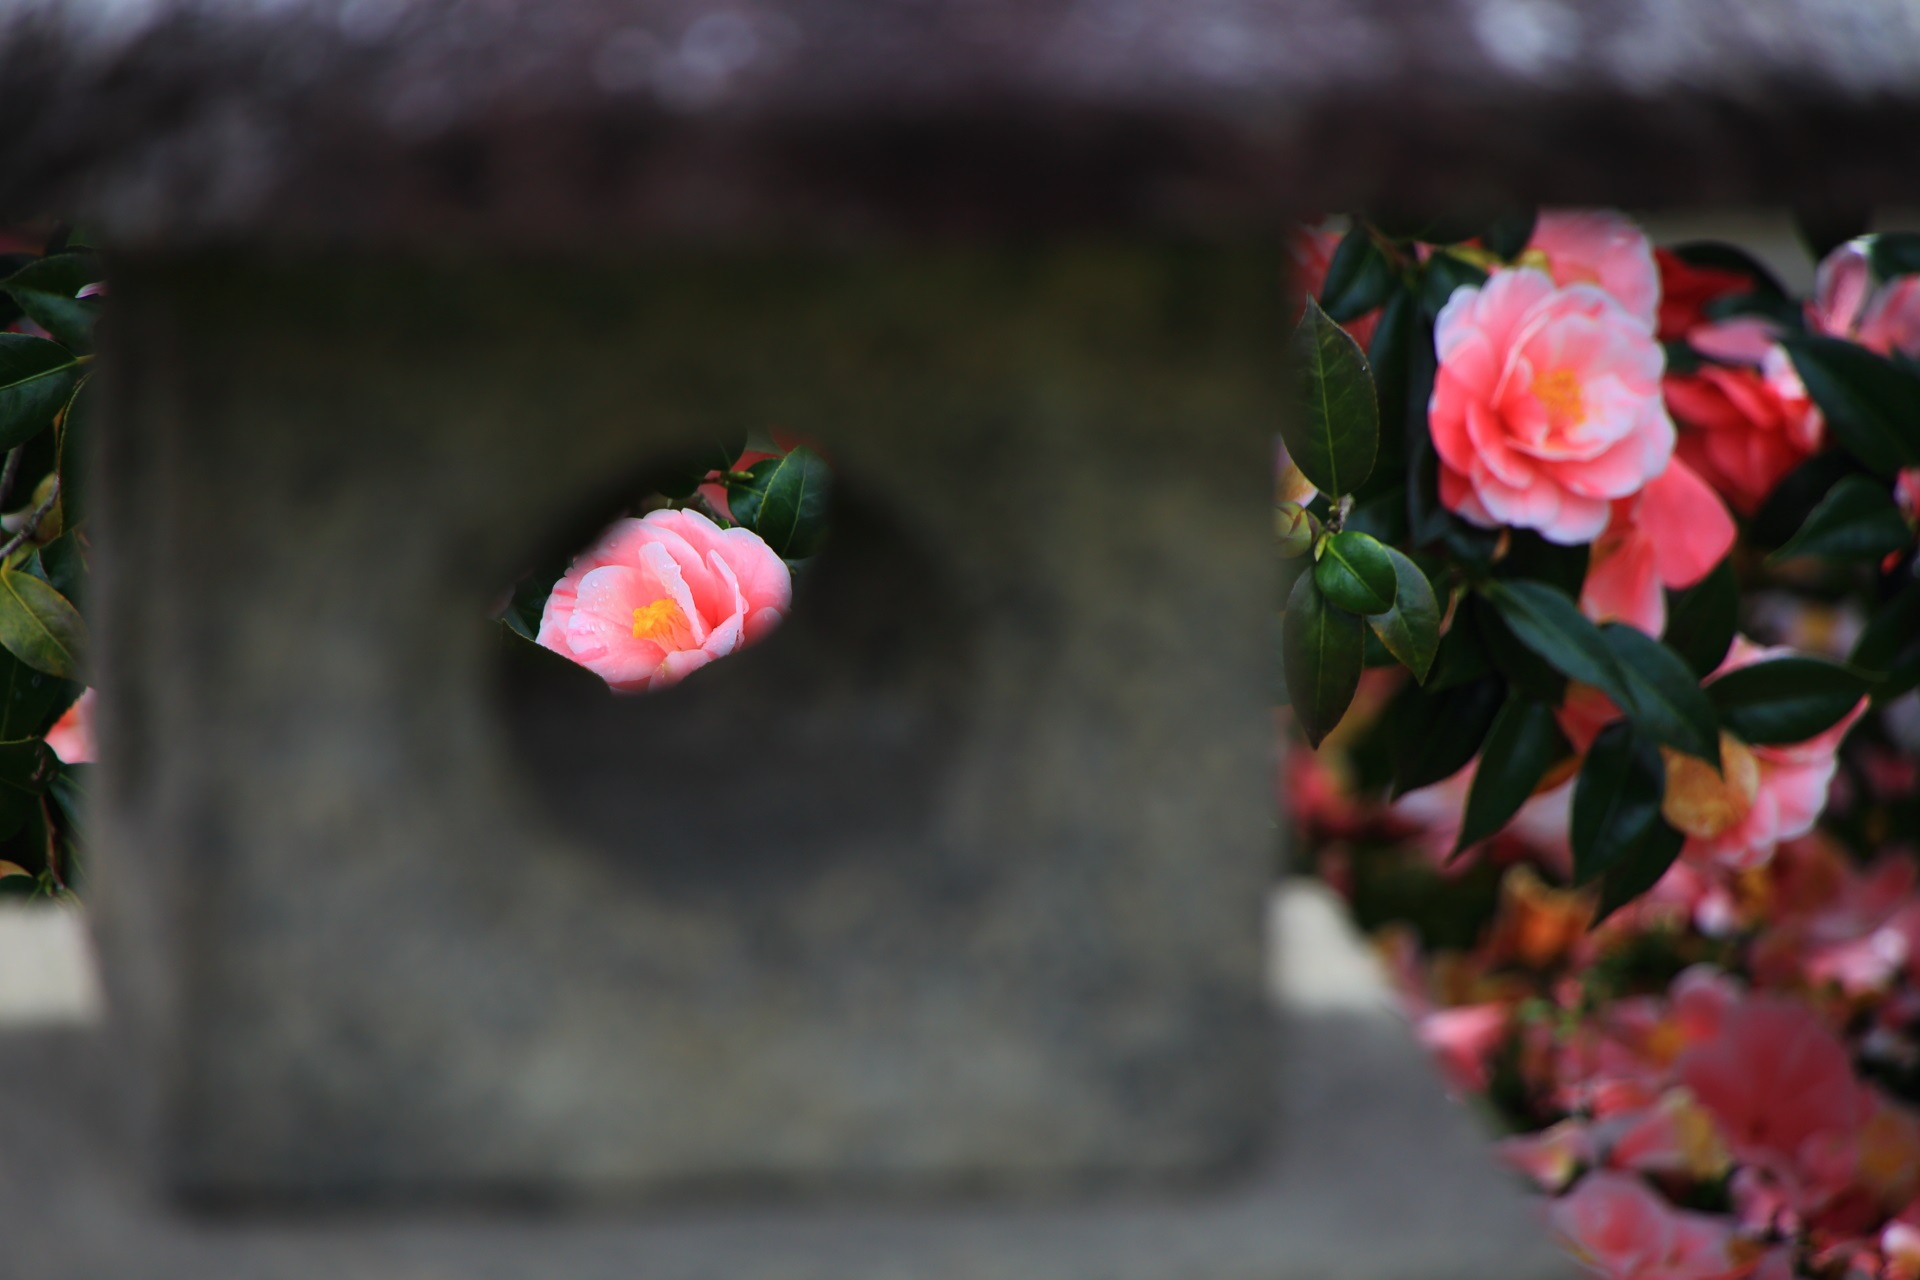 地蔵院の燈籠と椿と散り椿の風情ある情景